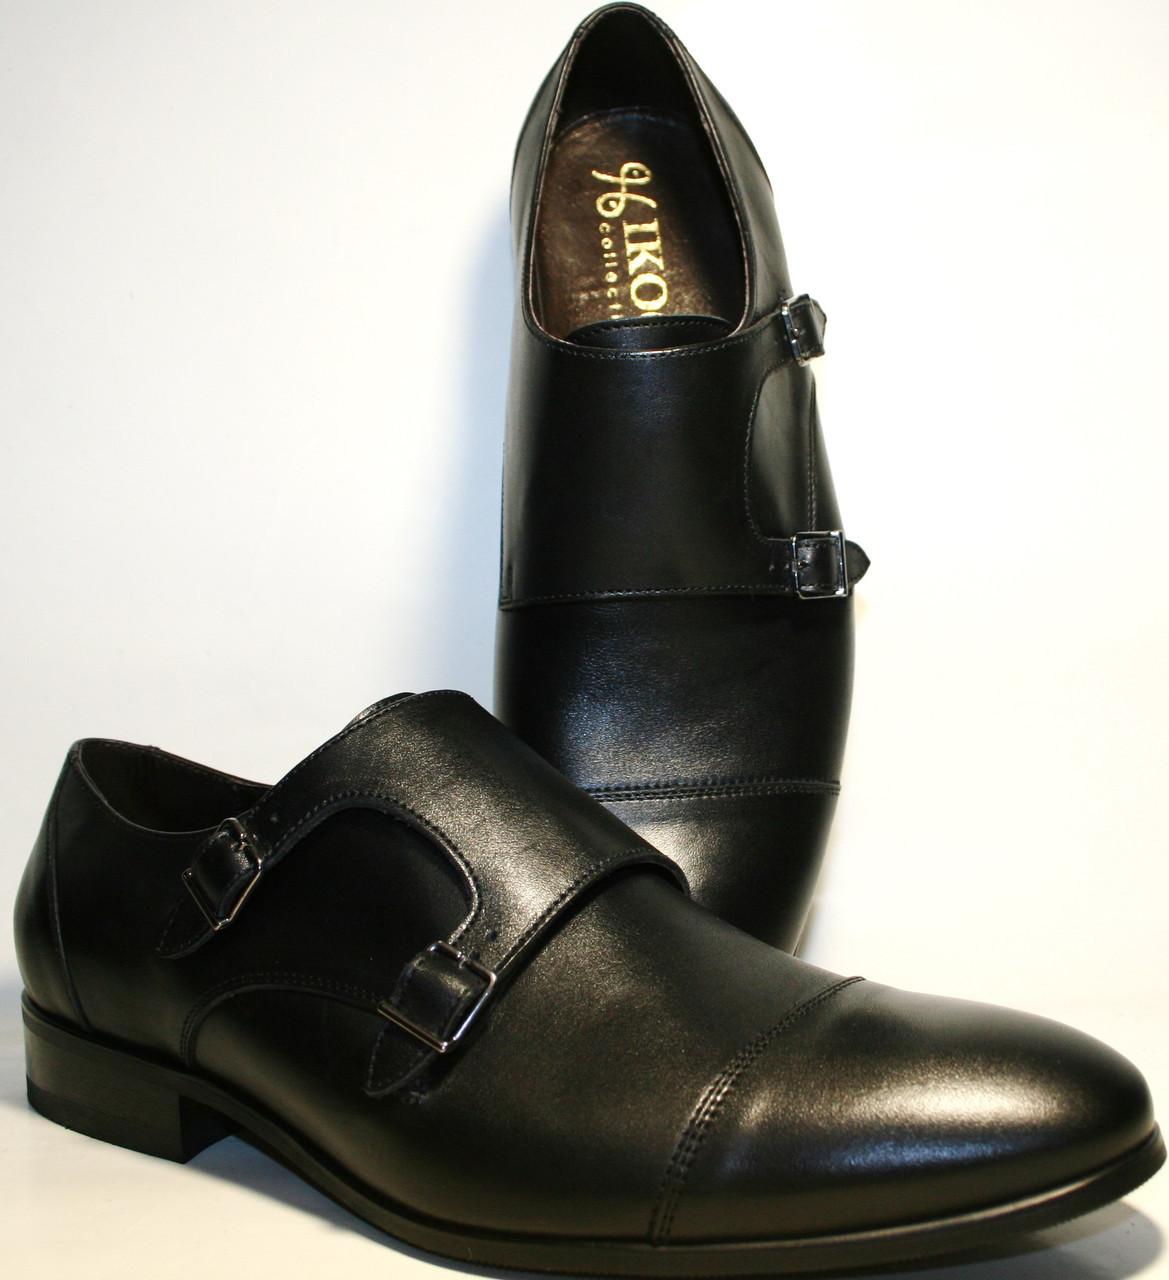 b5251d0f3cd5 Мужские туфли монки кожаные черные, демисезонные Икос классические -  Интернет-магазин